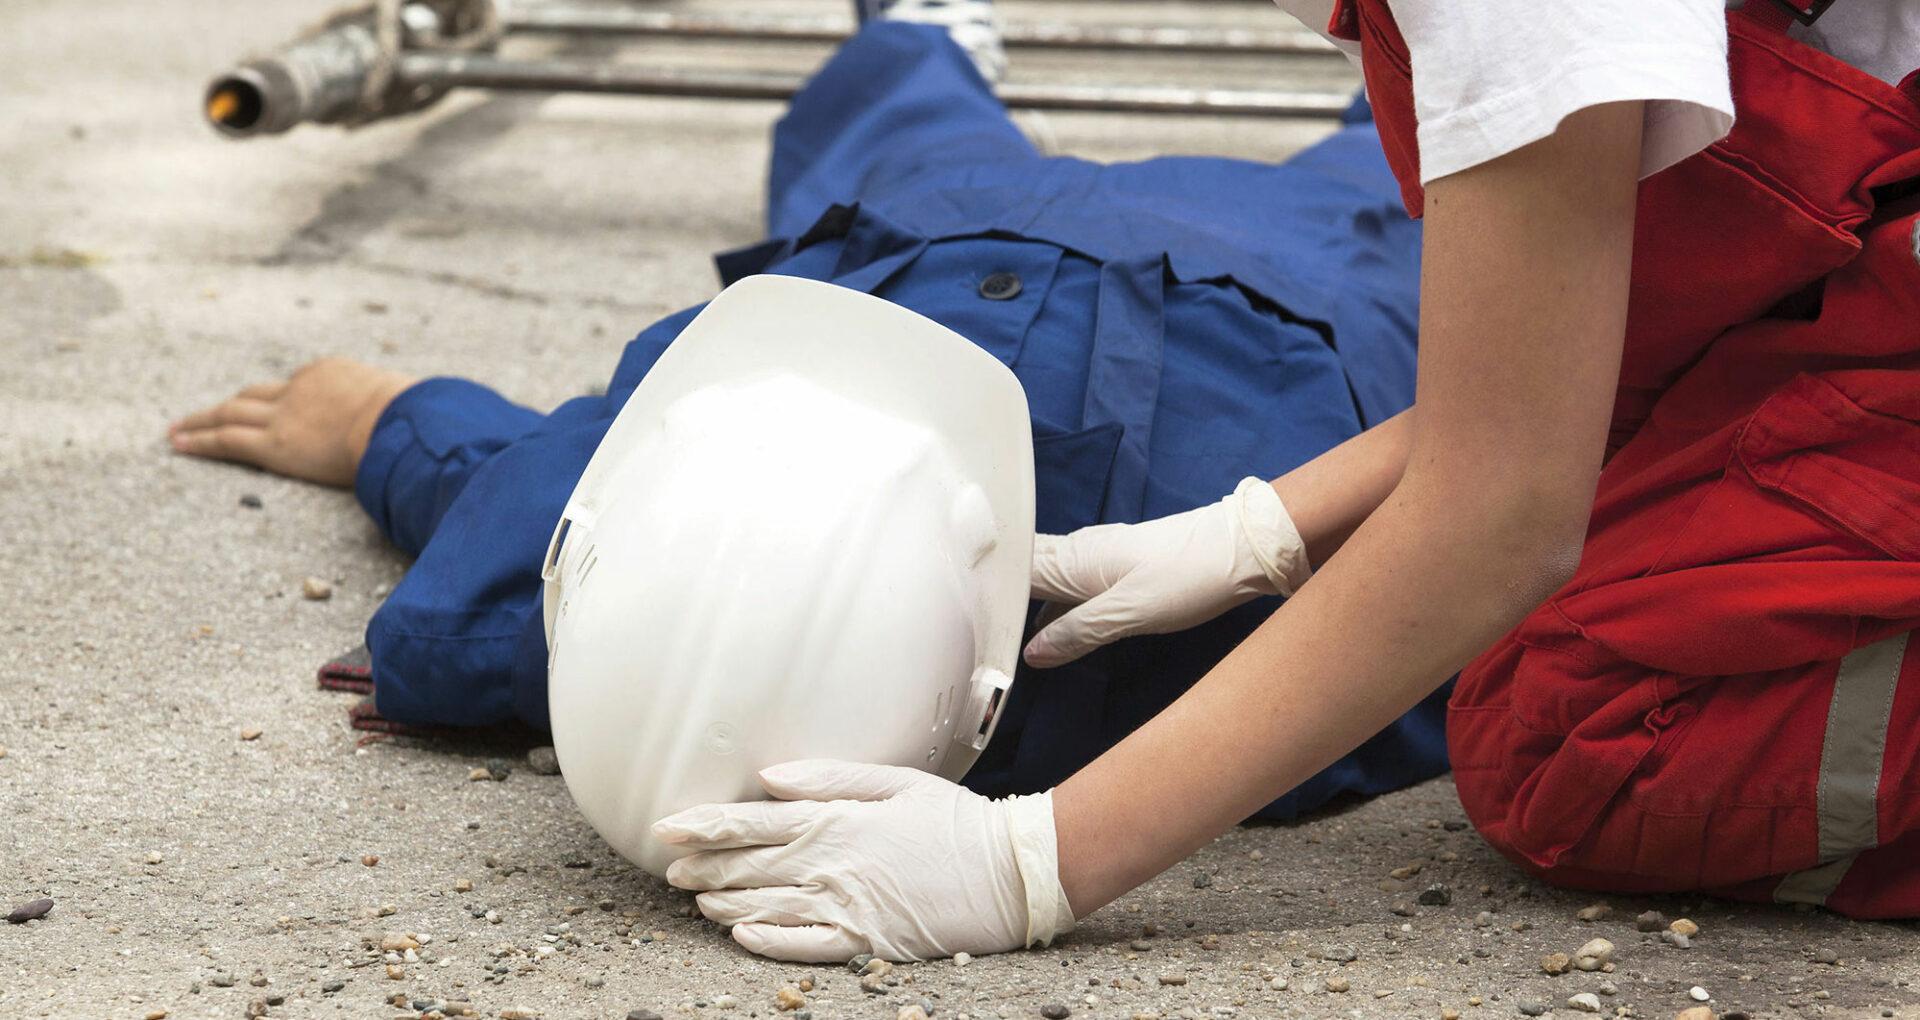 Accidentele de muncă omoară anual tot atâția oameni, câți ar muri într-un război